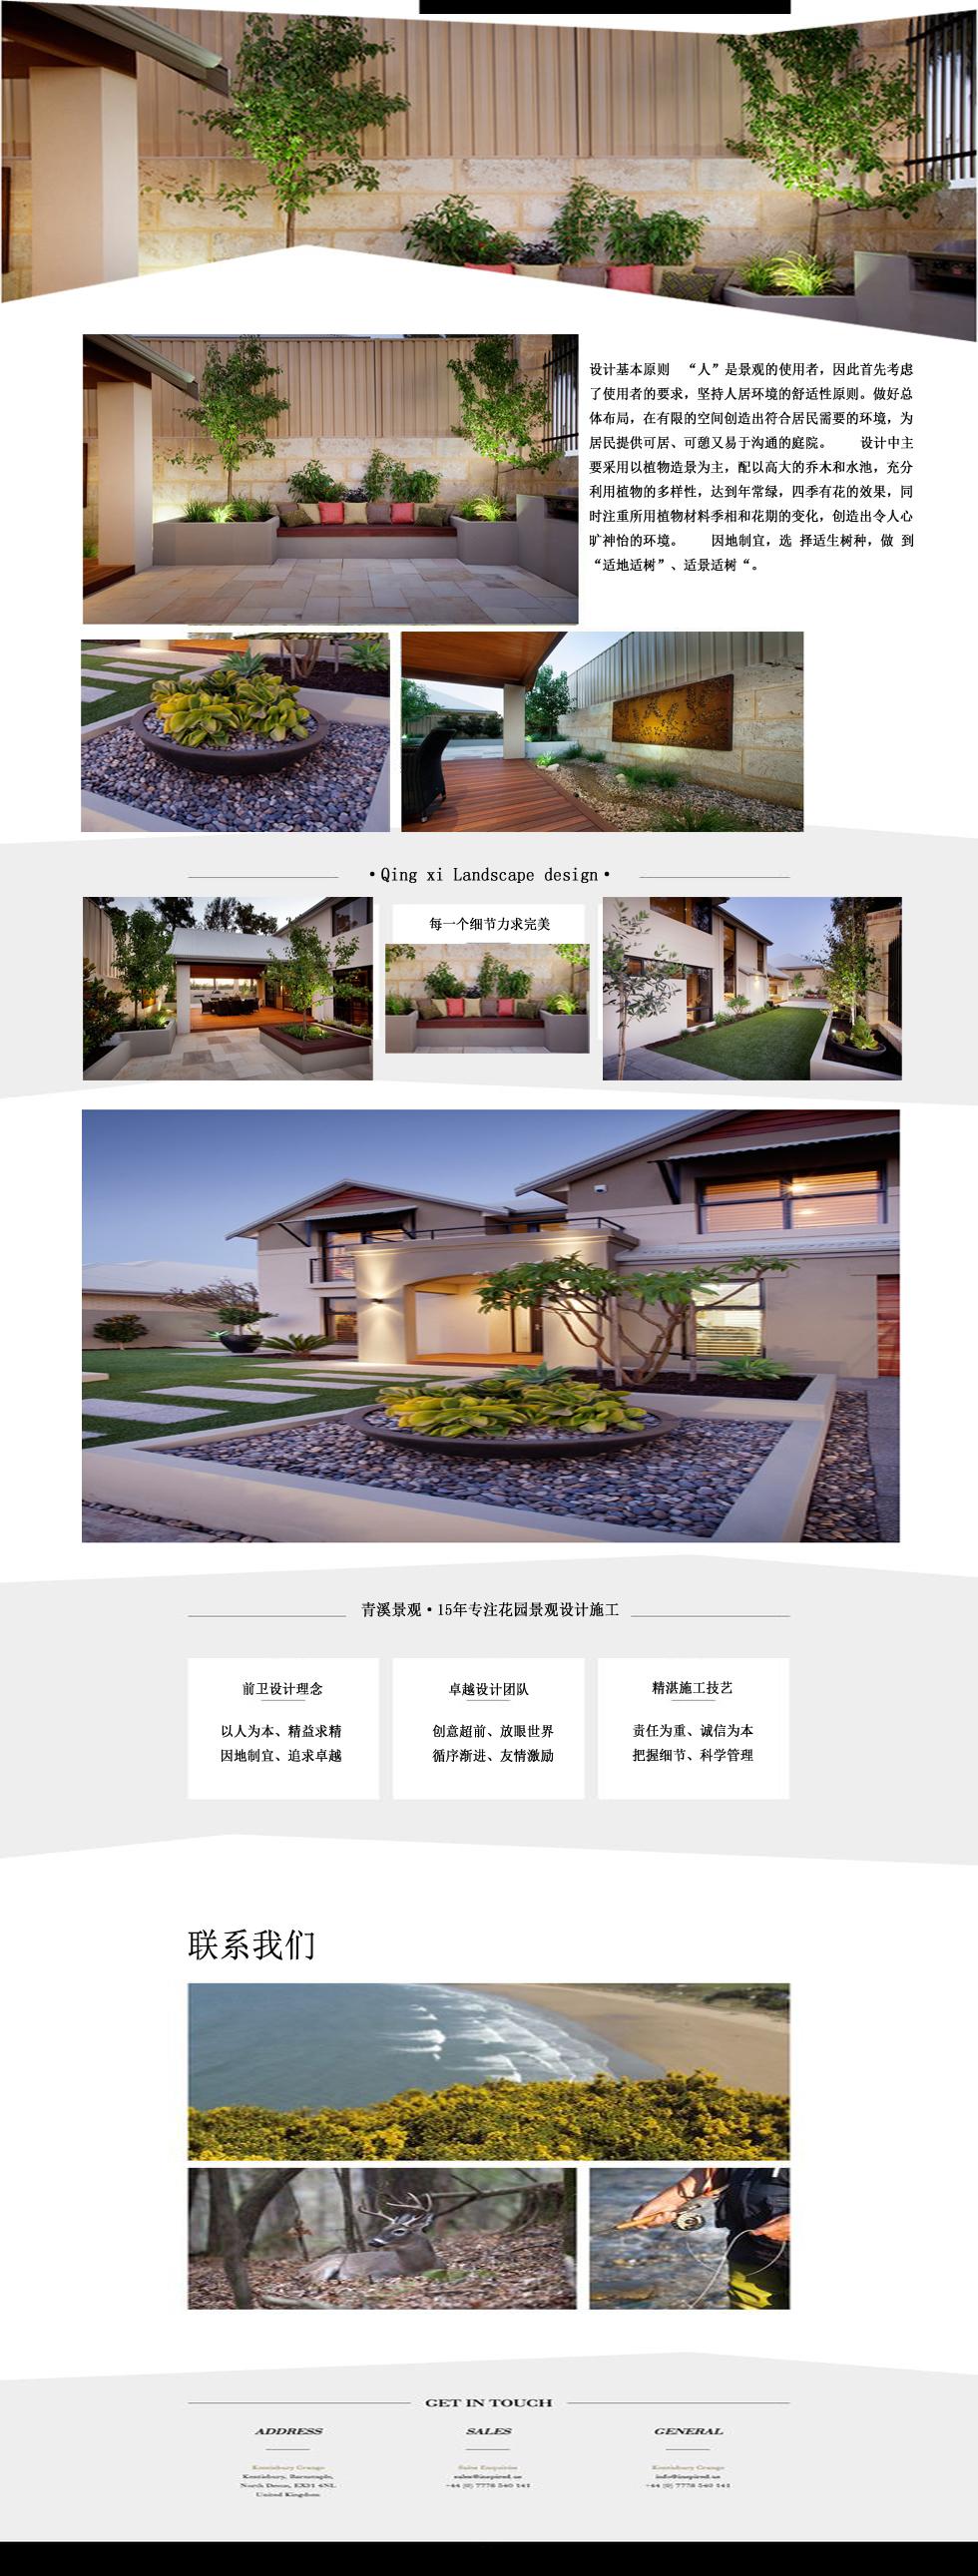 新中式花园设计 - 深圳青溪景观设计